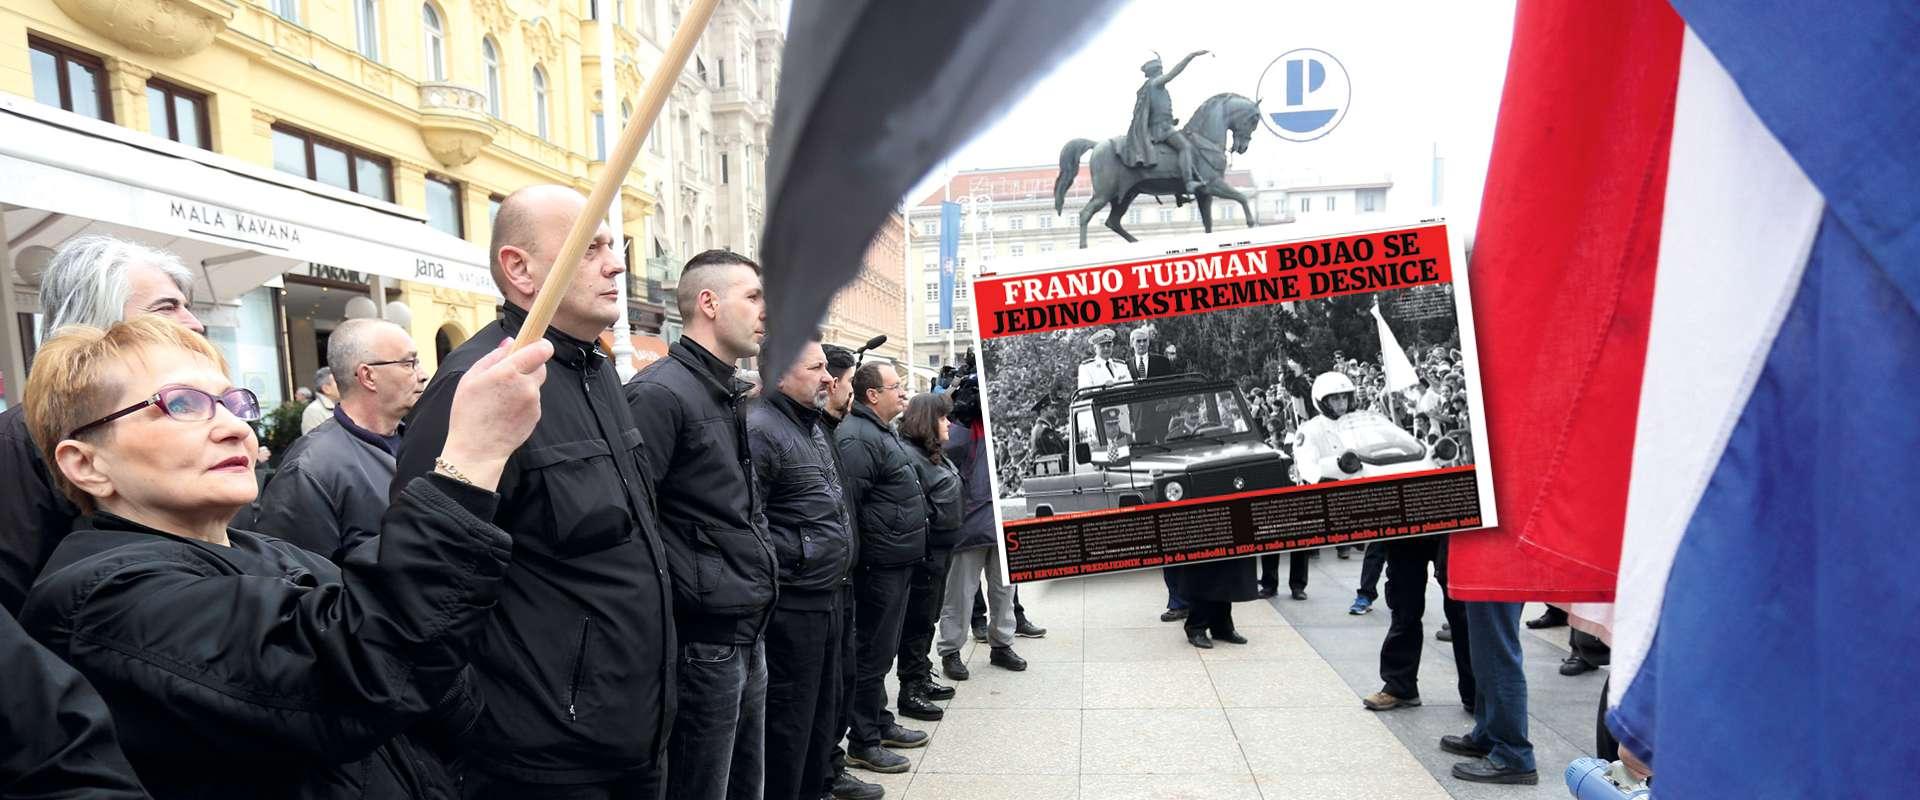 Podilaženjem ekstremnoj desnici HDZ negira Tuđmanovu politiku i tolerira fašizaciju hrvatske